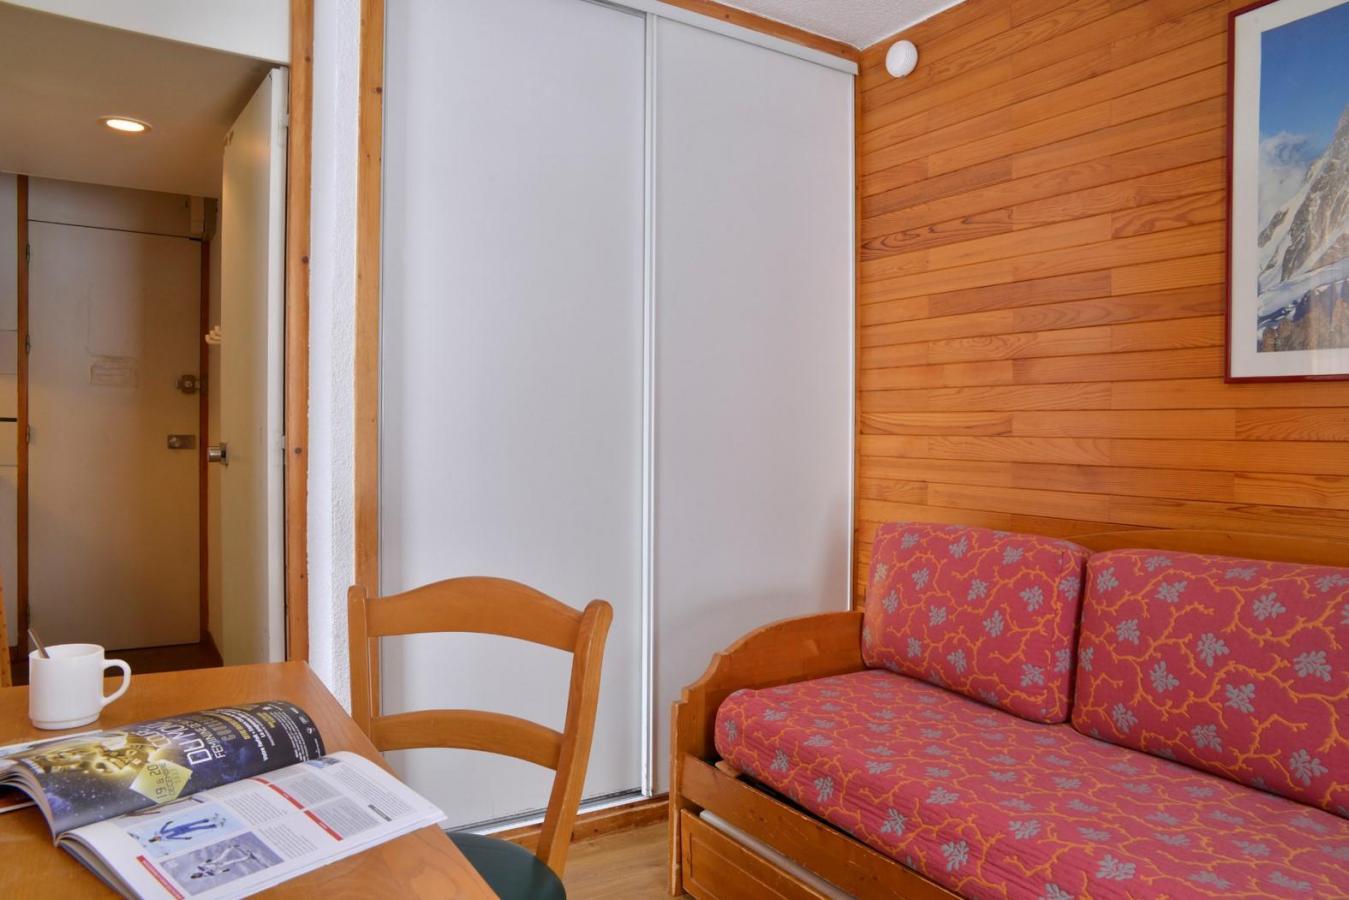 Location au ski Studio 2 personnes (64) - Residence Le Carroley A - La Plagne - Plan